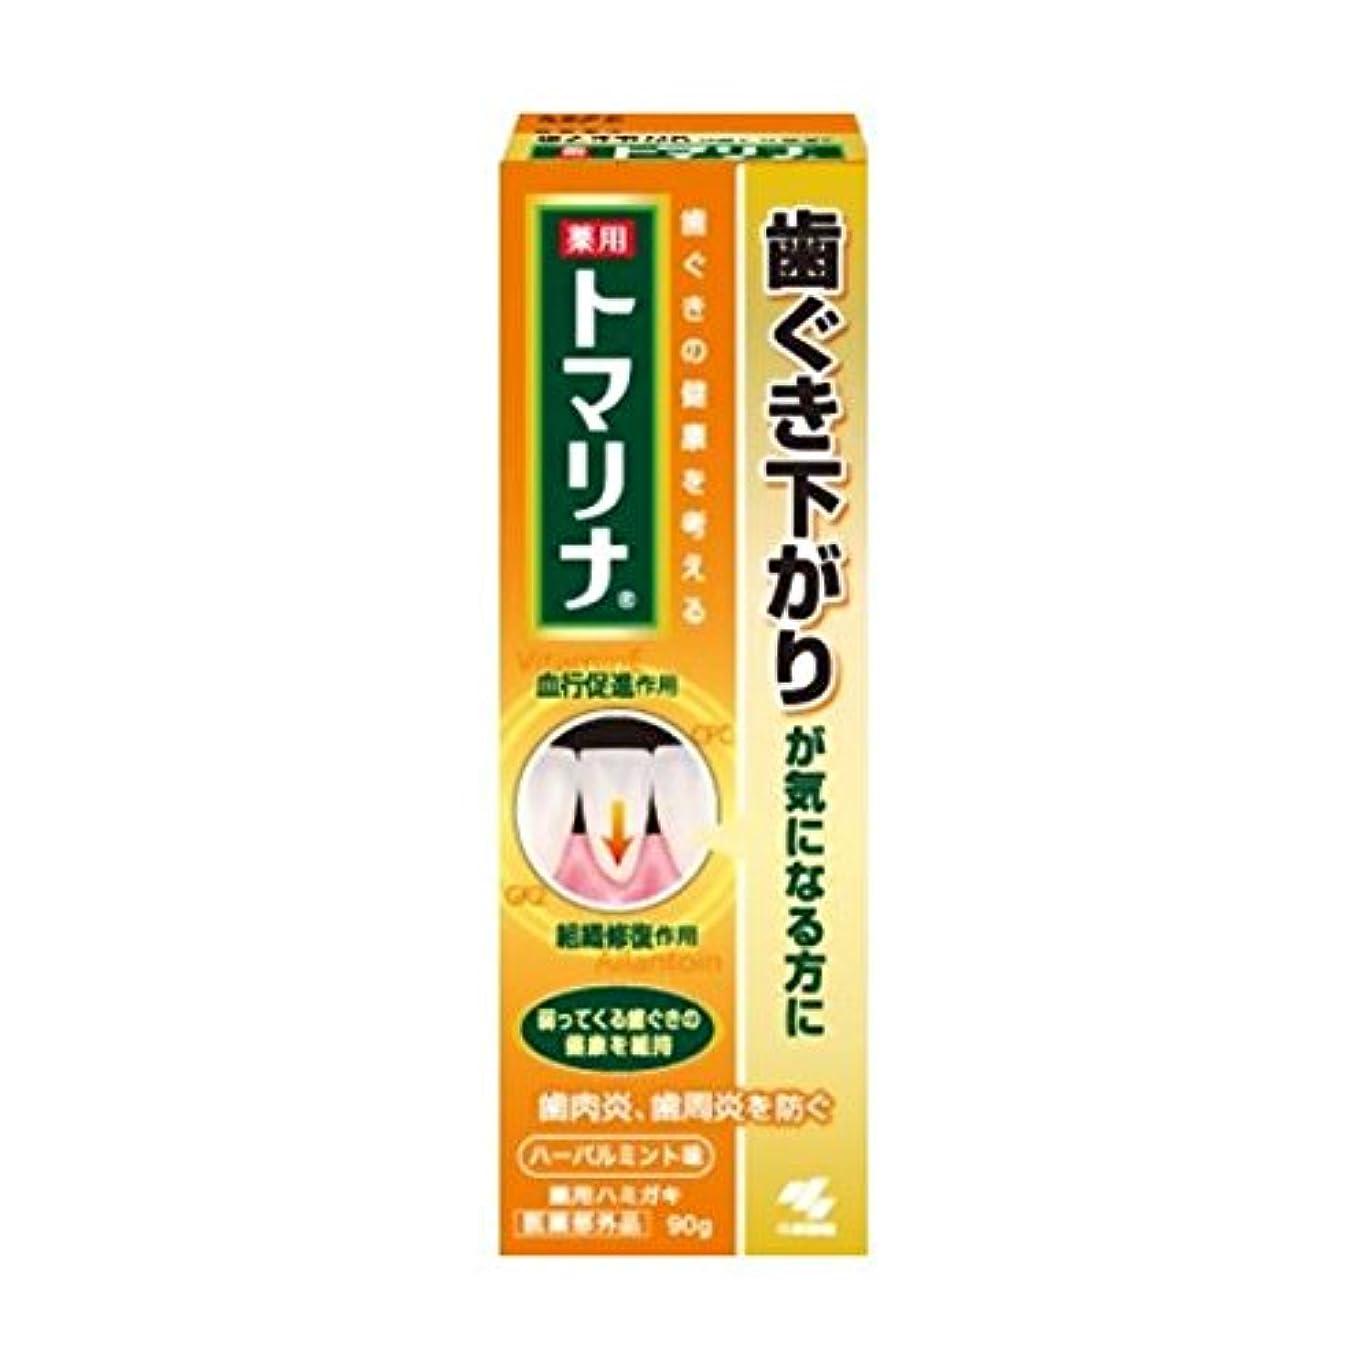 不忠エスカレーター心理学【お徳用 4 セット】 薬用トマリナ 90g×4セット